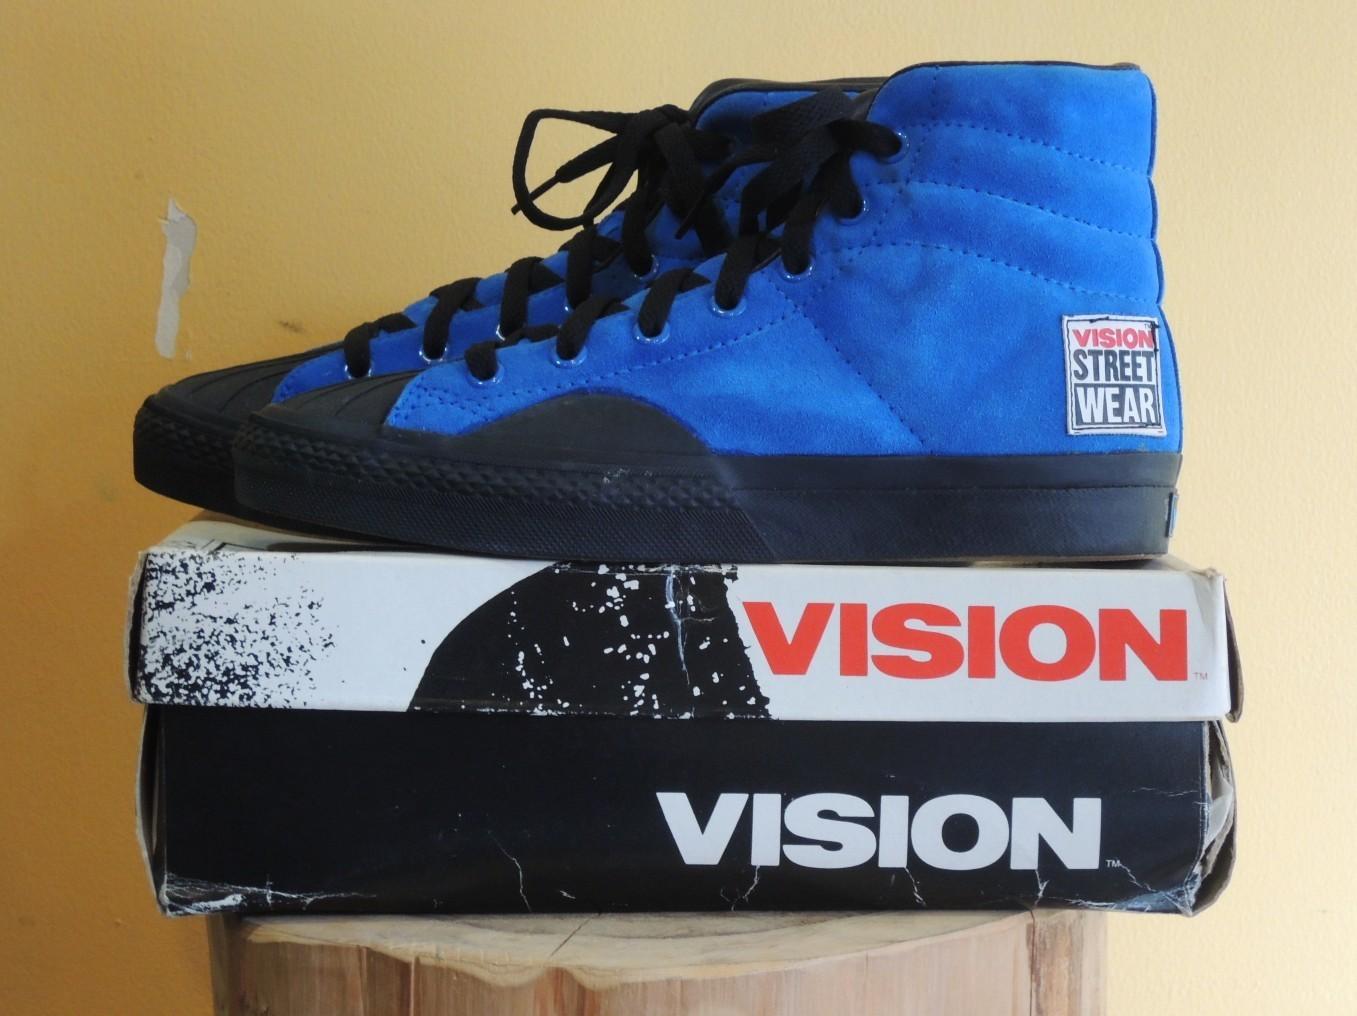 visionstreetwearbluesuede03.JPG